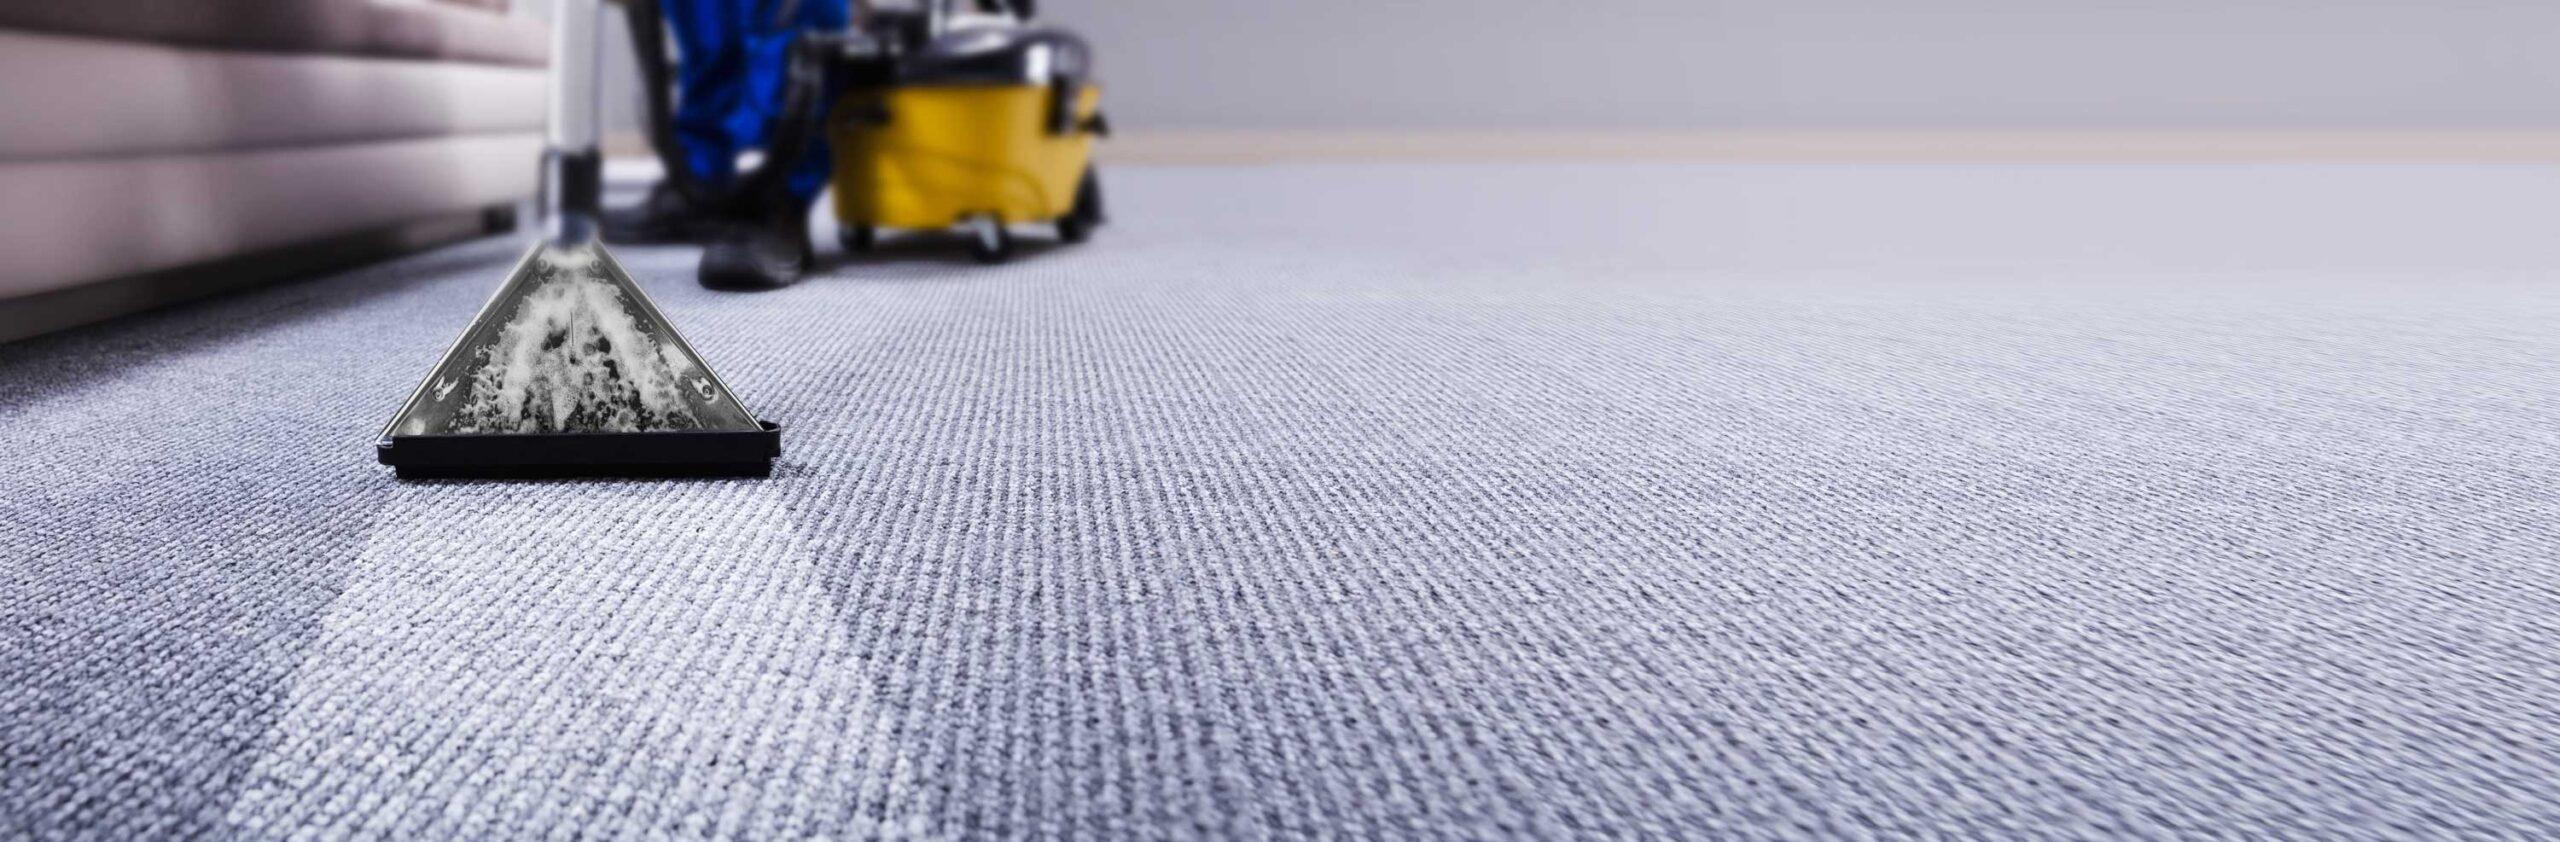 Vacuum cleaning blue carpet